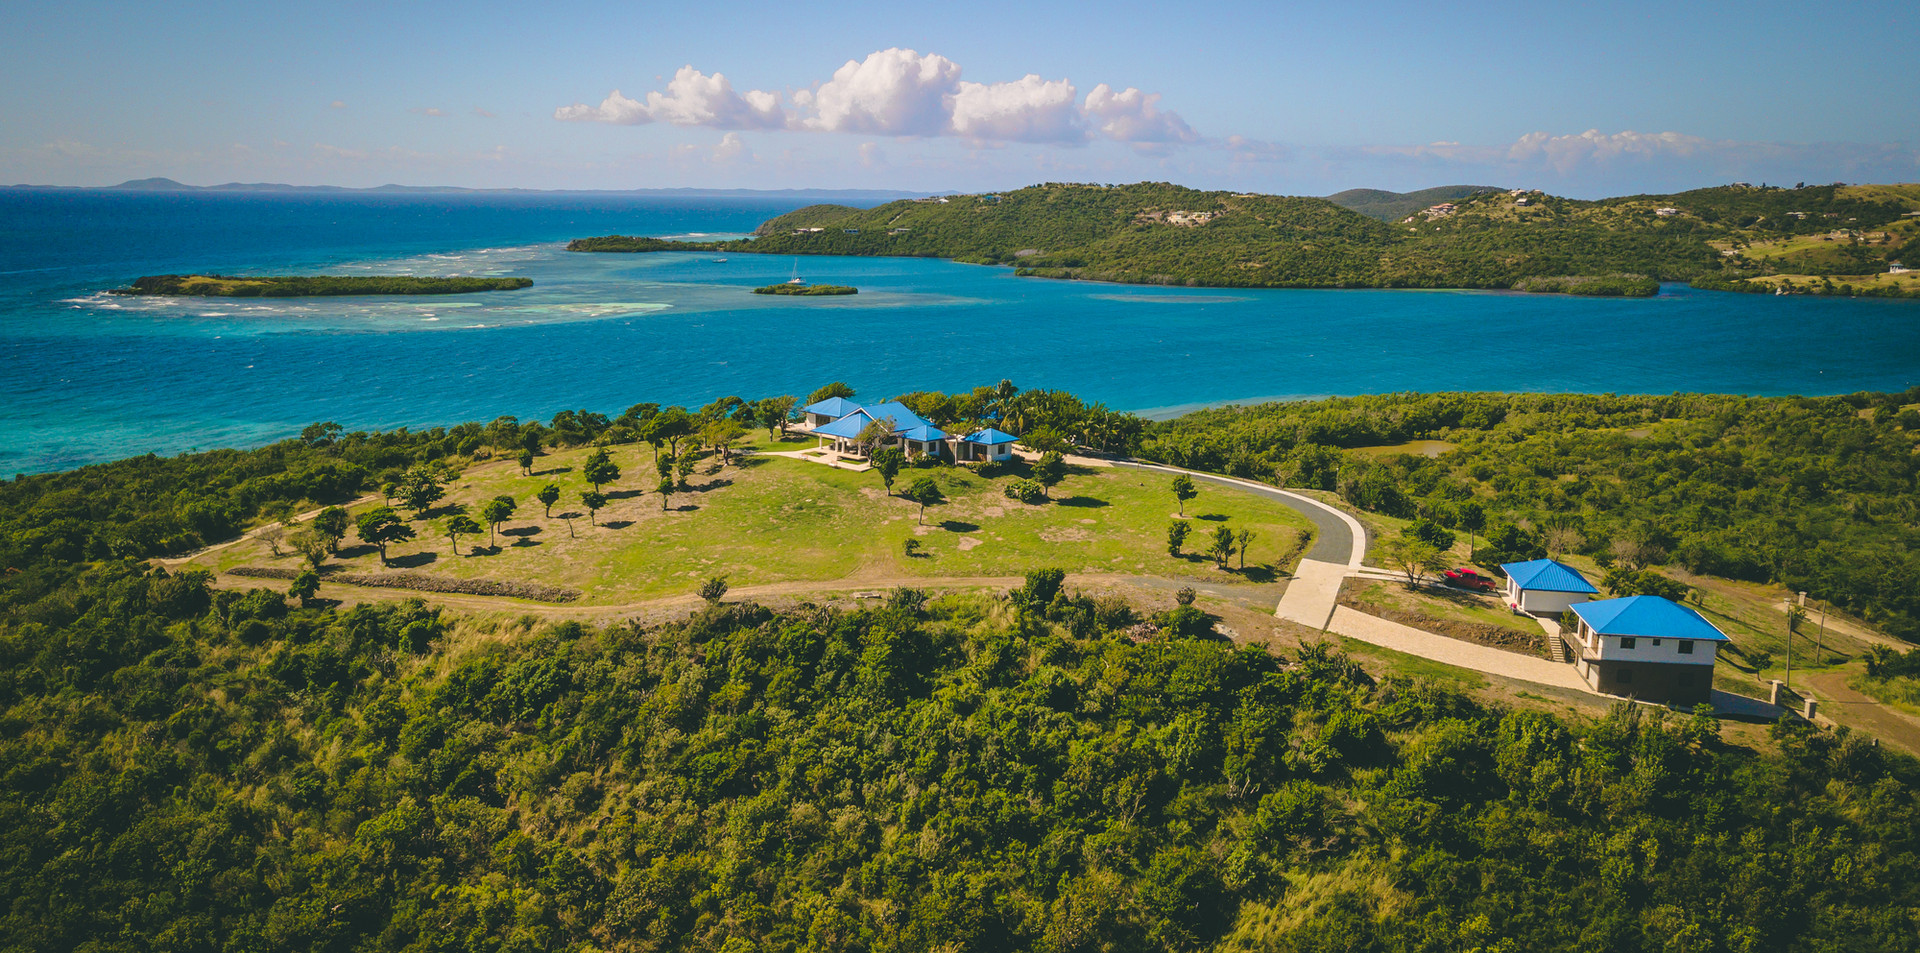 Villa Escondida - Manglar Bay